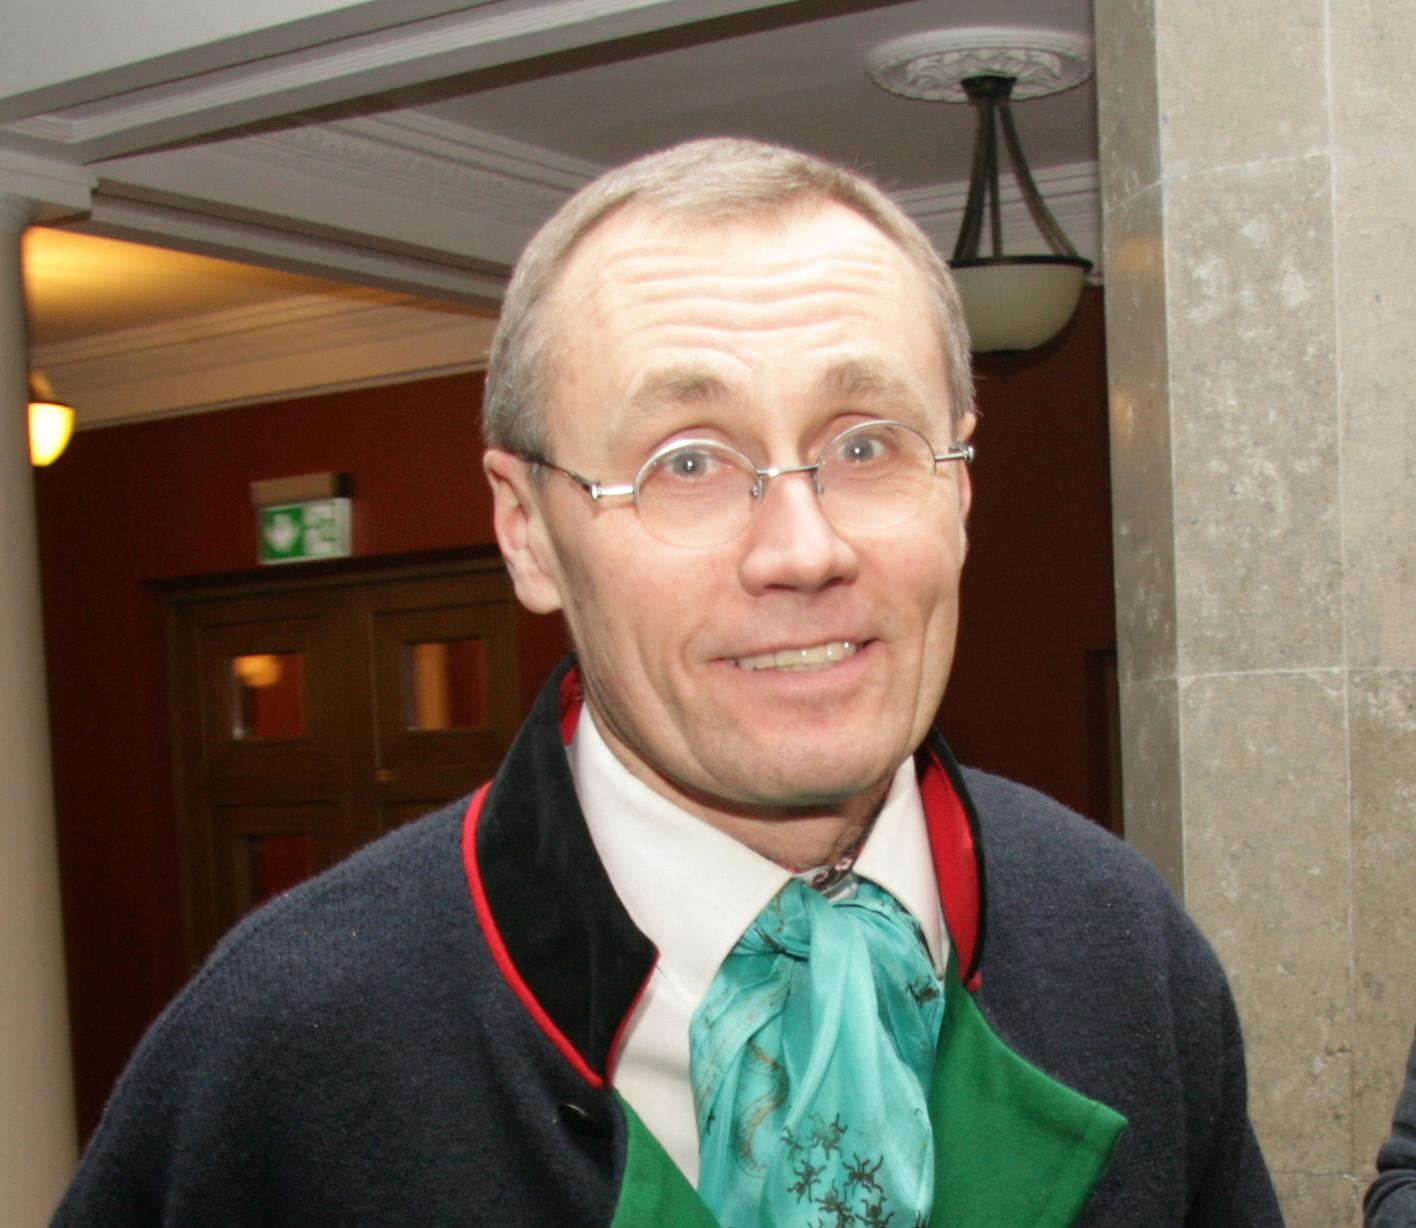 Eesti lapsed vajavad eestikeelset koolikeskkonda